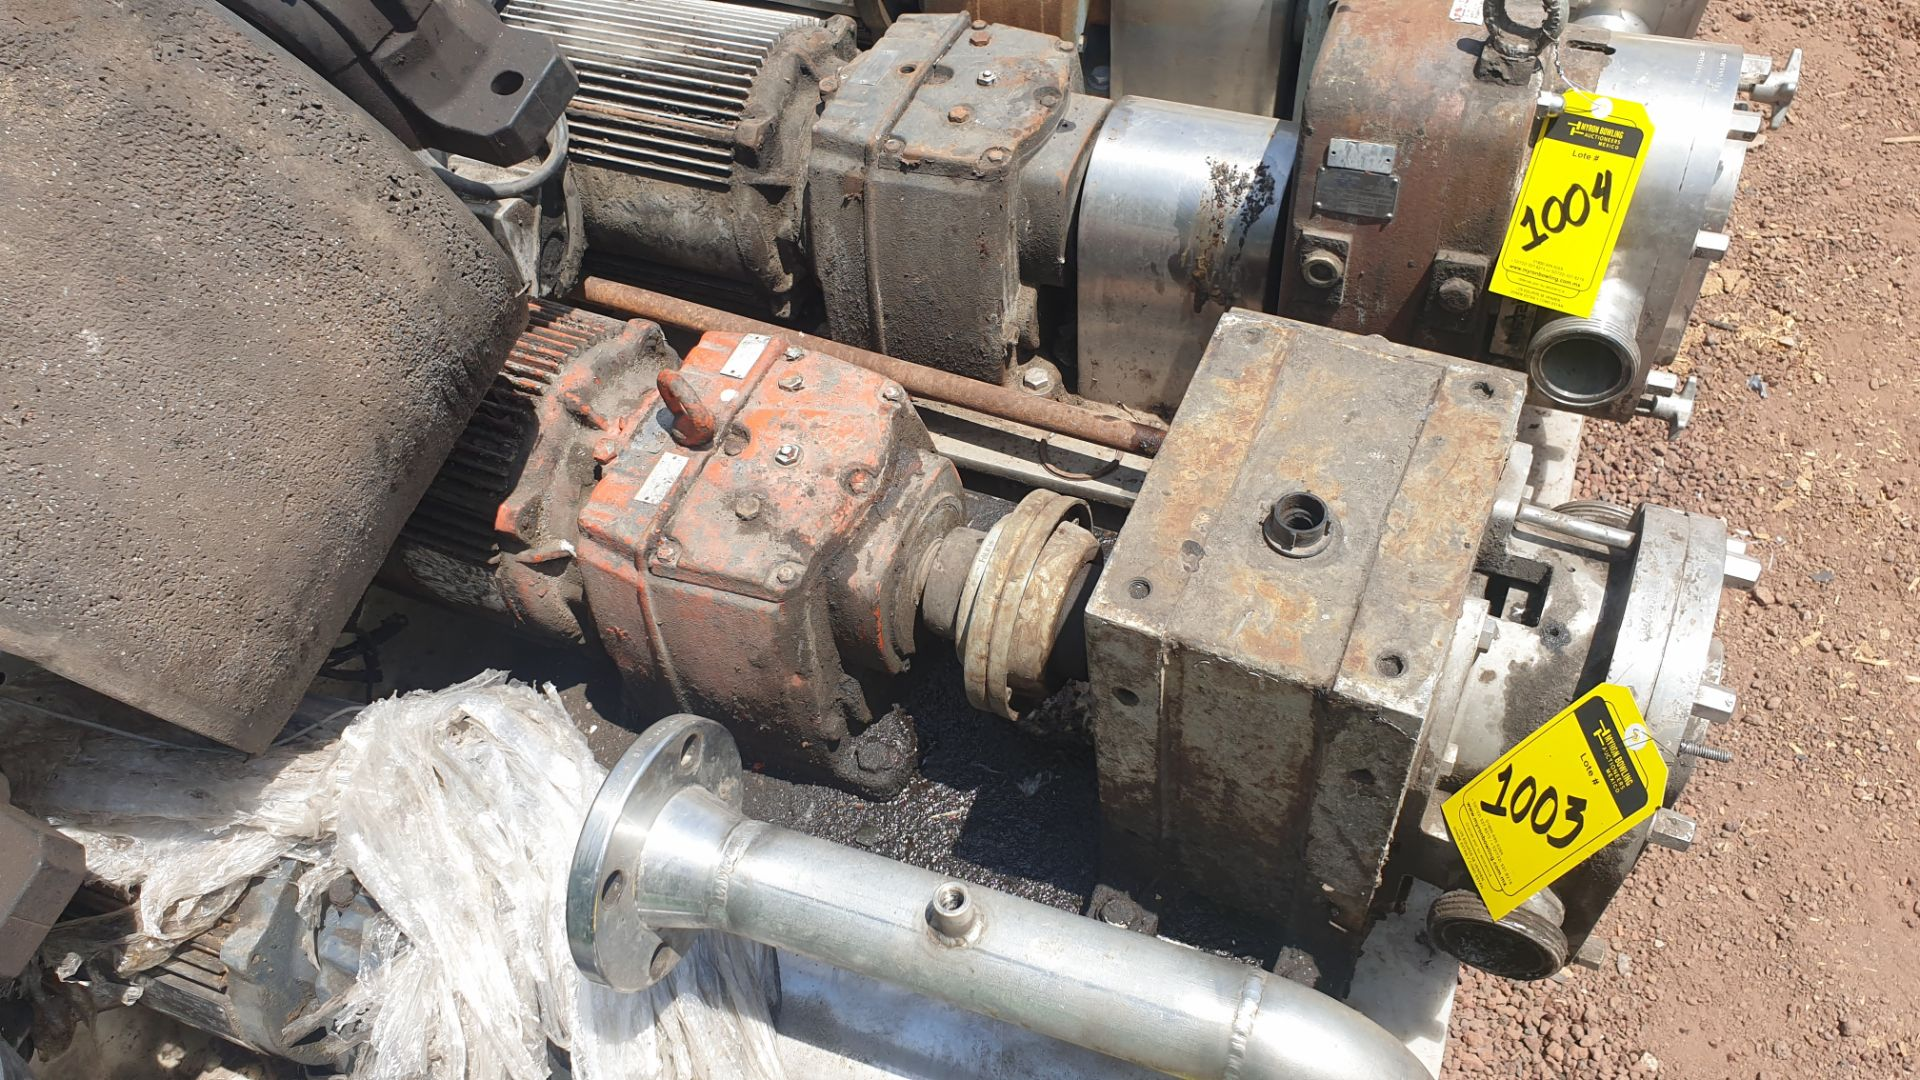 Fristam Lobe pump, includes emerson motor capacity 15HP 230v -460v - Image 6 of 6